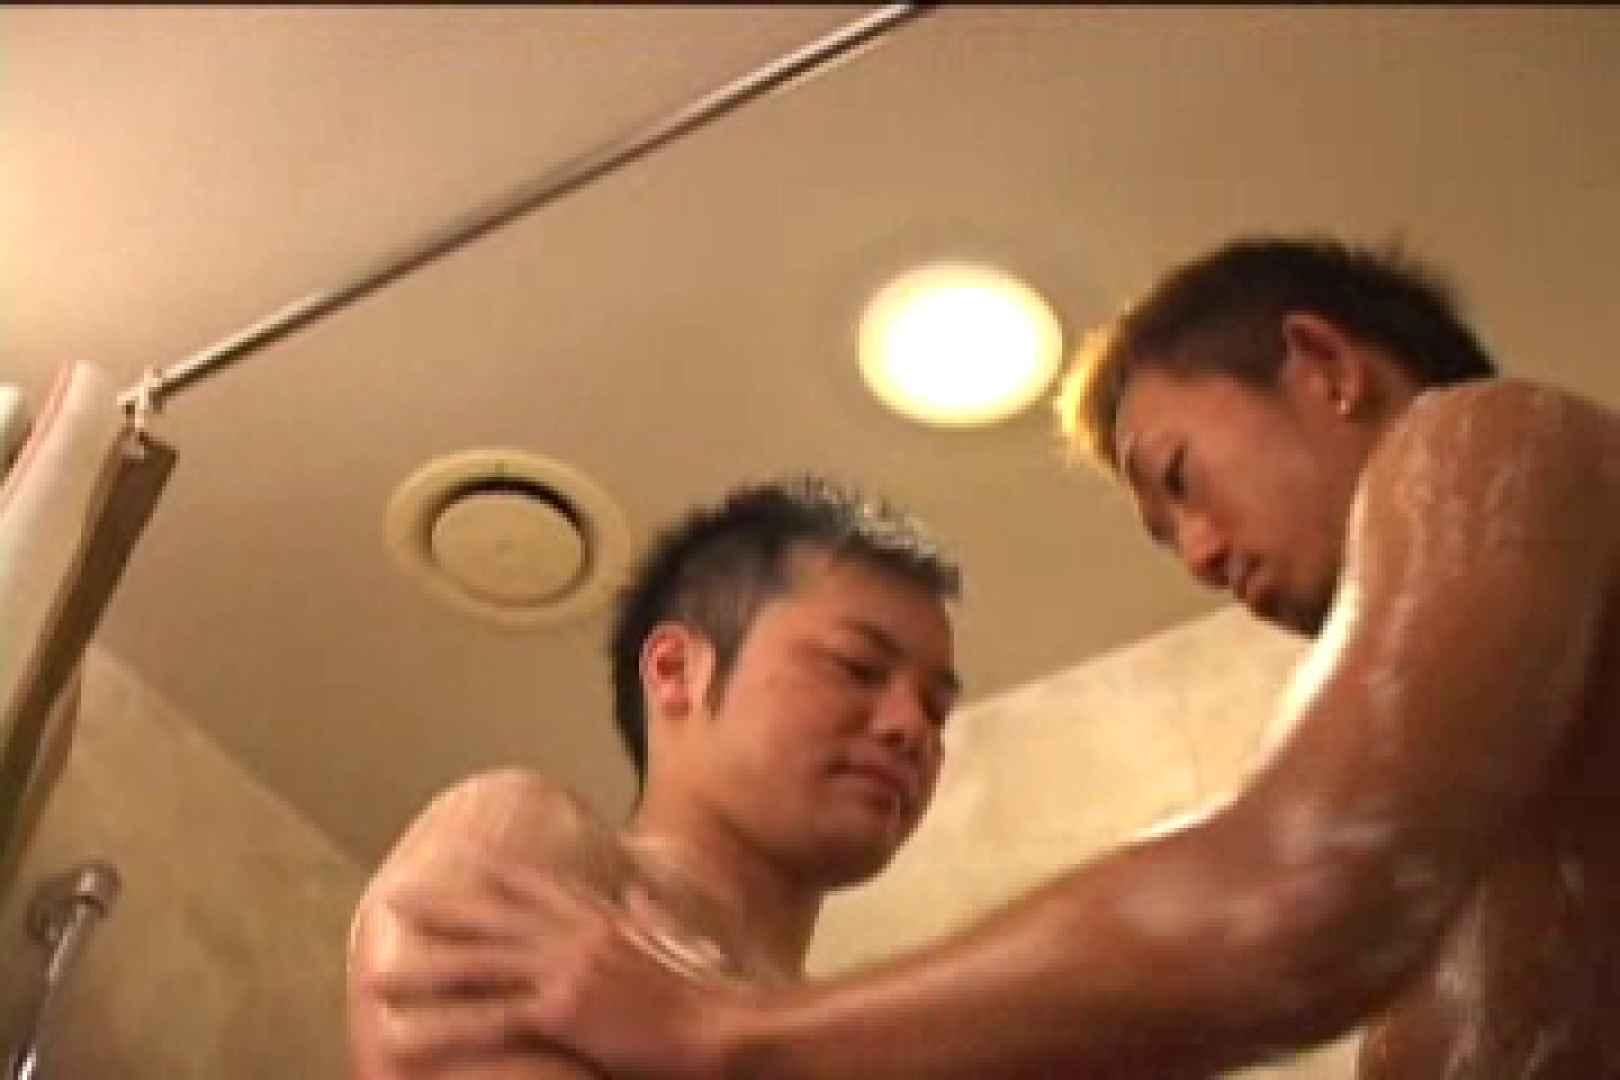 光り輝く男たちのロマンシングメモリー!!vol.05 お手で! ゲイ無修正ビデオ画像 111pic 2